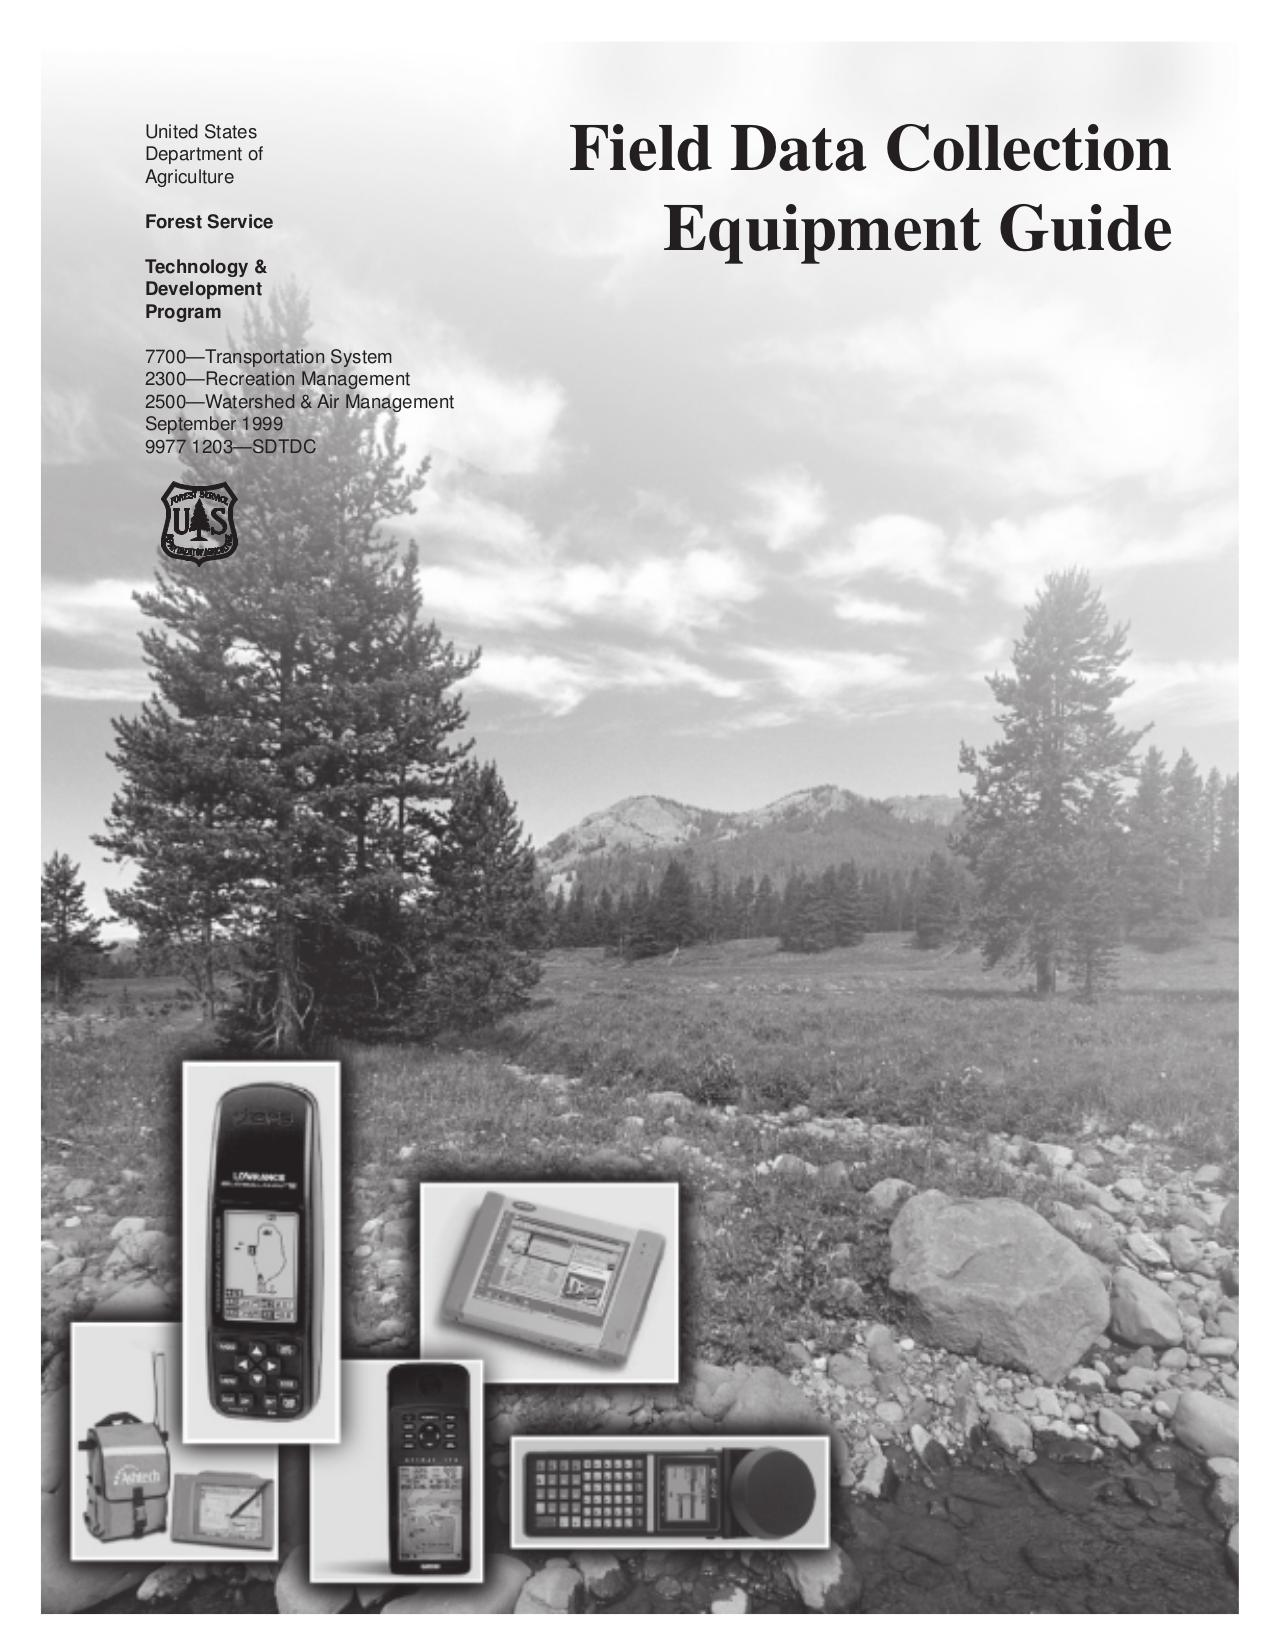 pdf for Lowrance GPS GlobalNav 200 manual